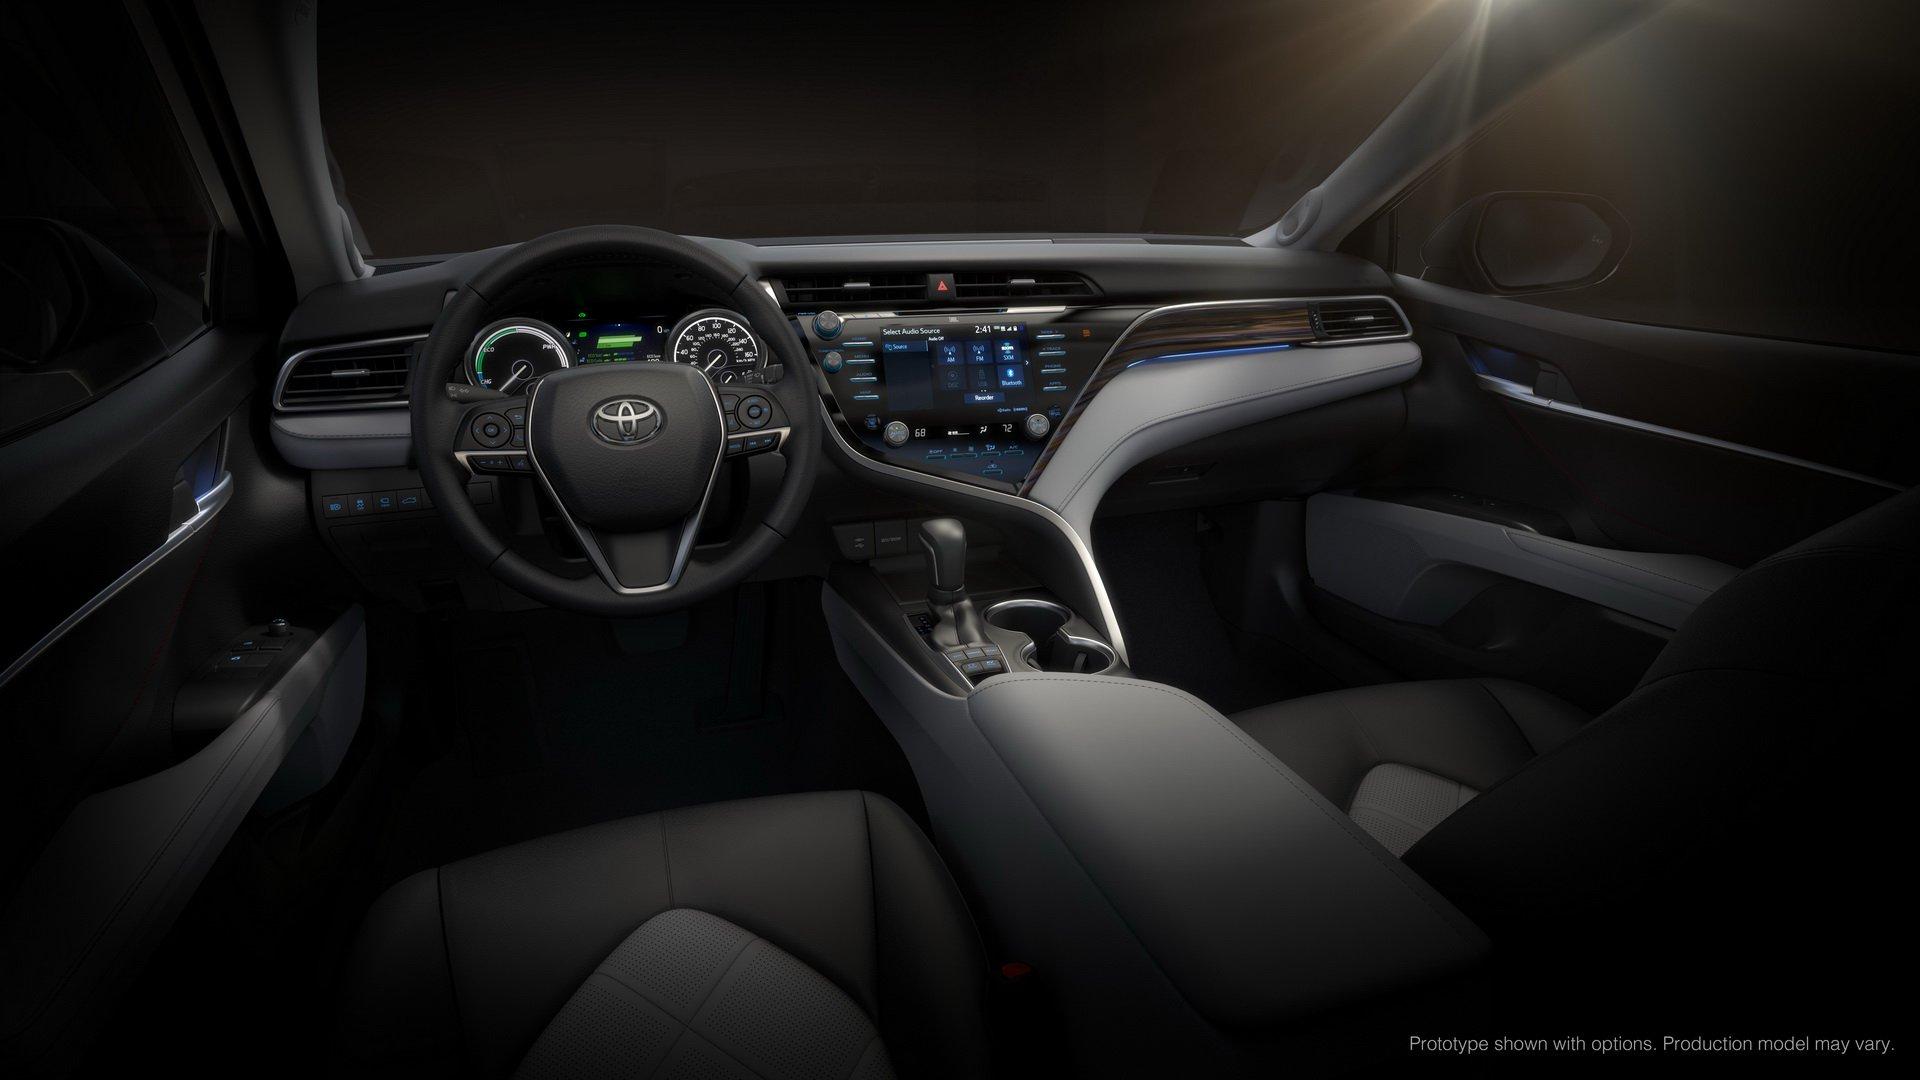 Toyota Camry 2019 công bố thông tin và giá bán chi tiết cho các phiên bản